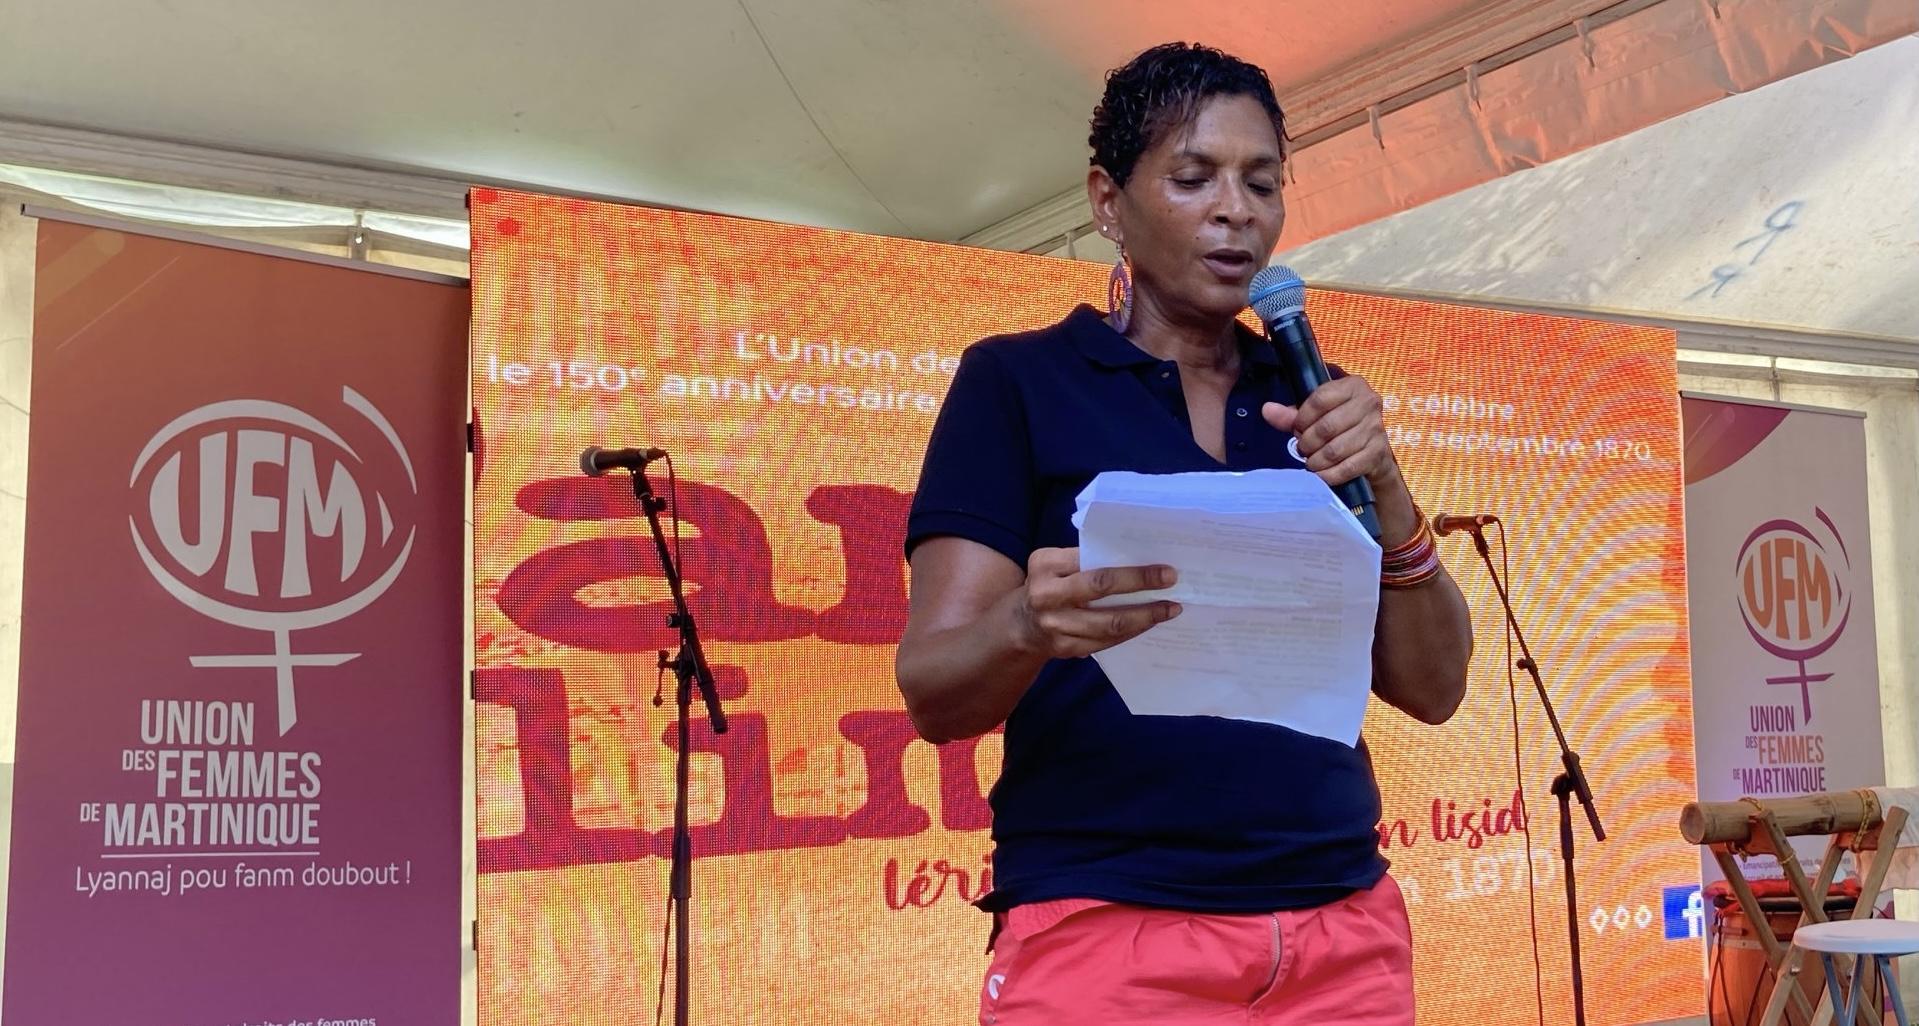 Meurtre au Cap Macré : le cri d'alerte de l'Union des femmes de Martinique